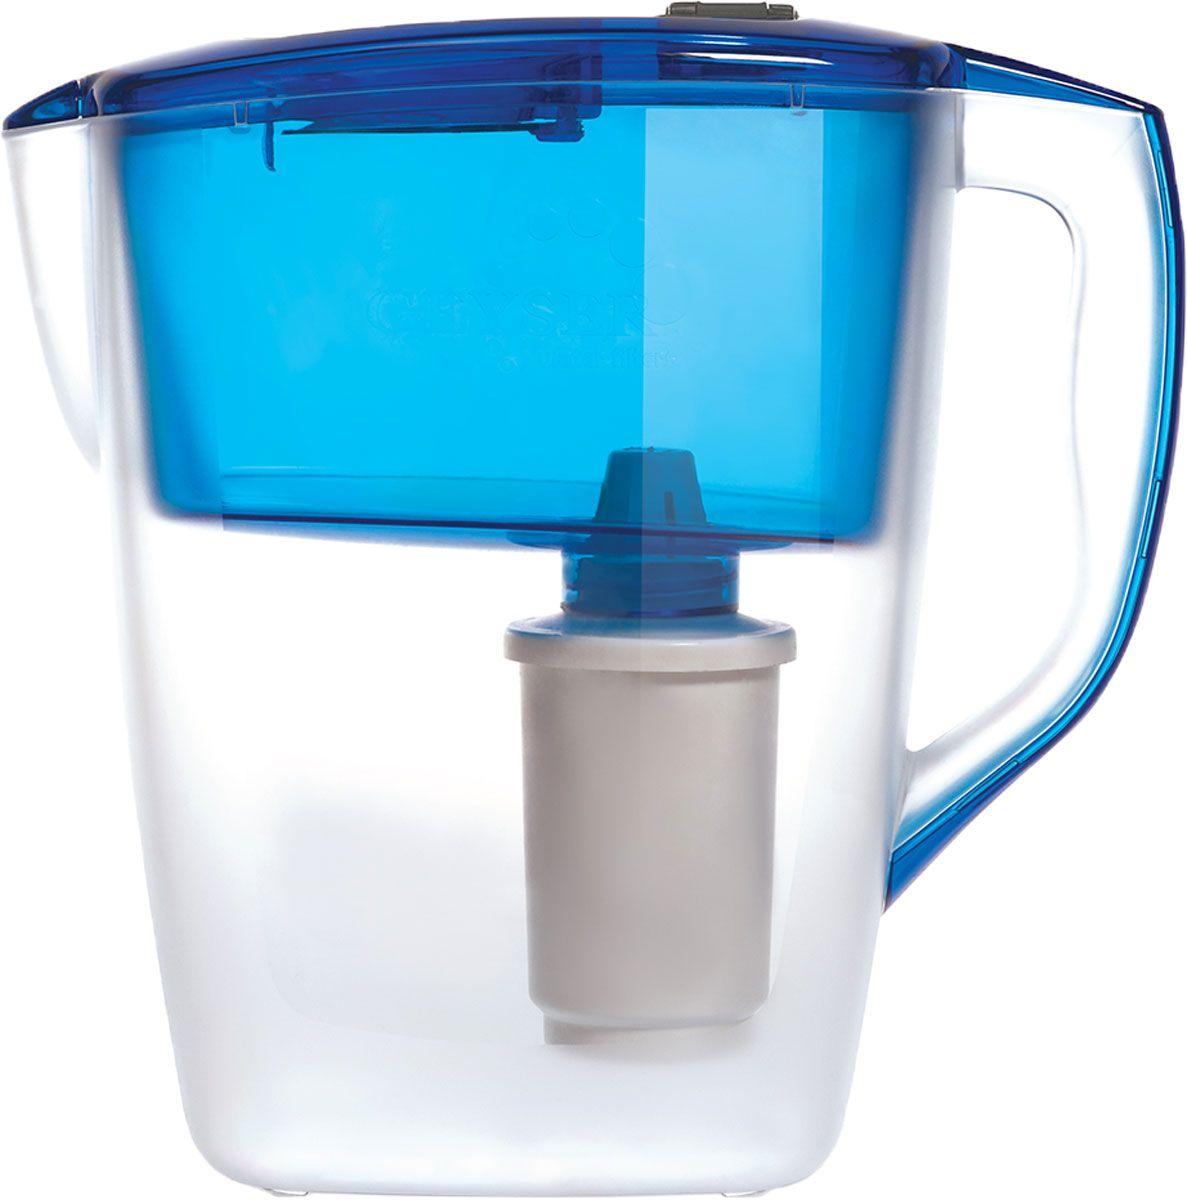 Выбираем фильтр очистки воды для дачи: сравнительный обзор агрегатов